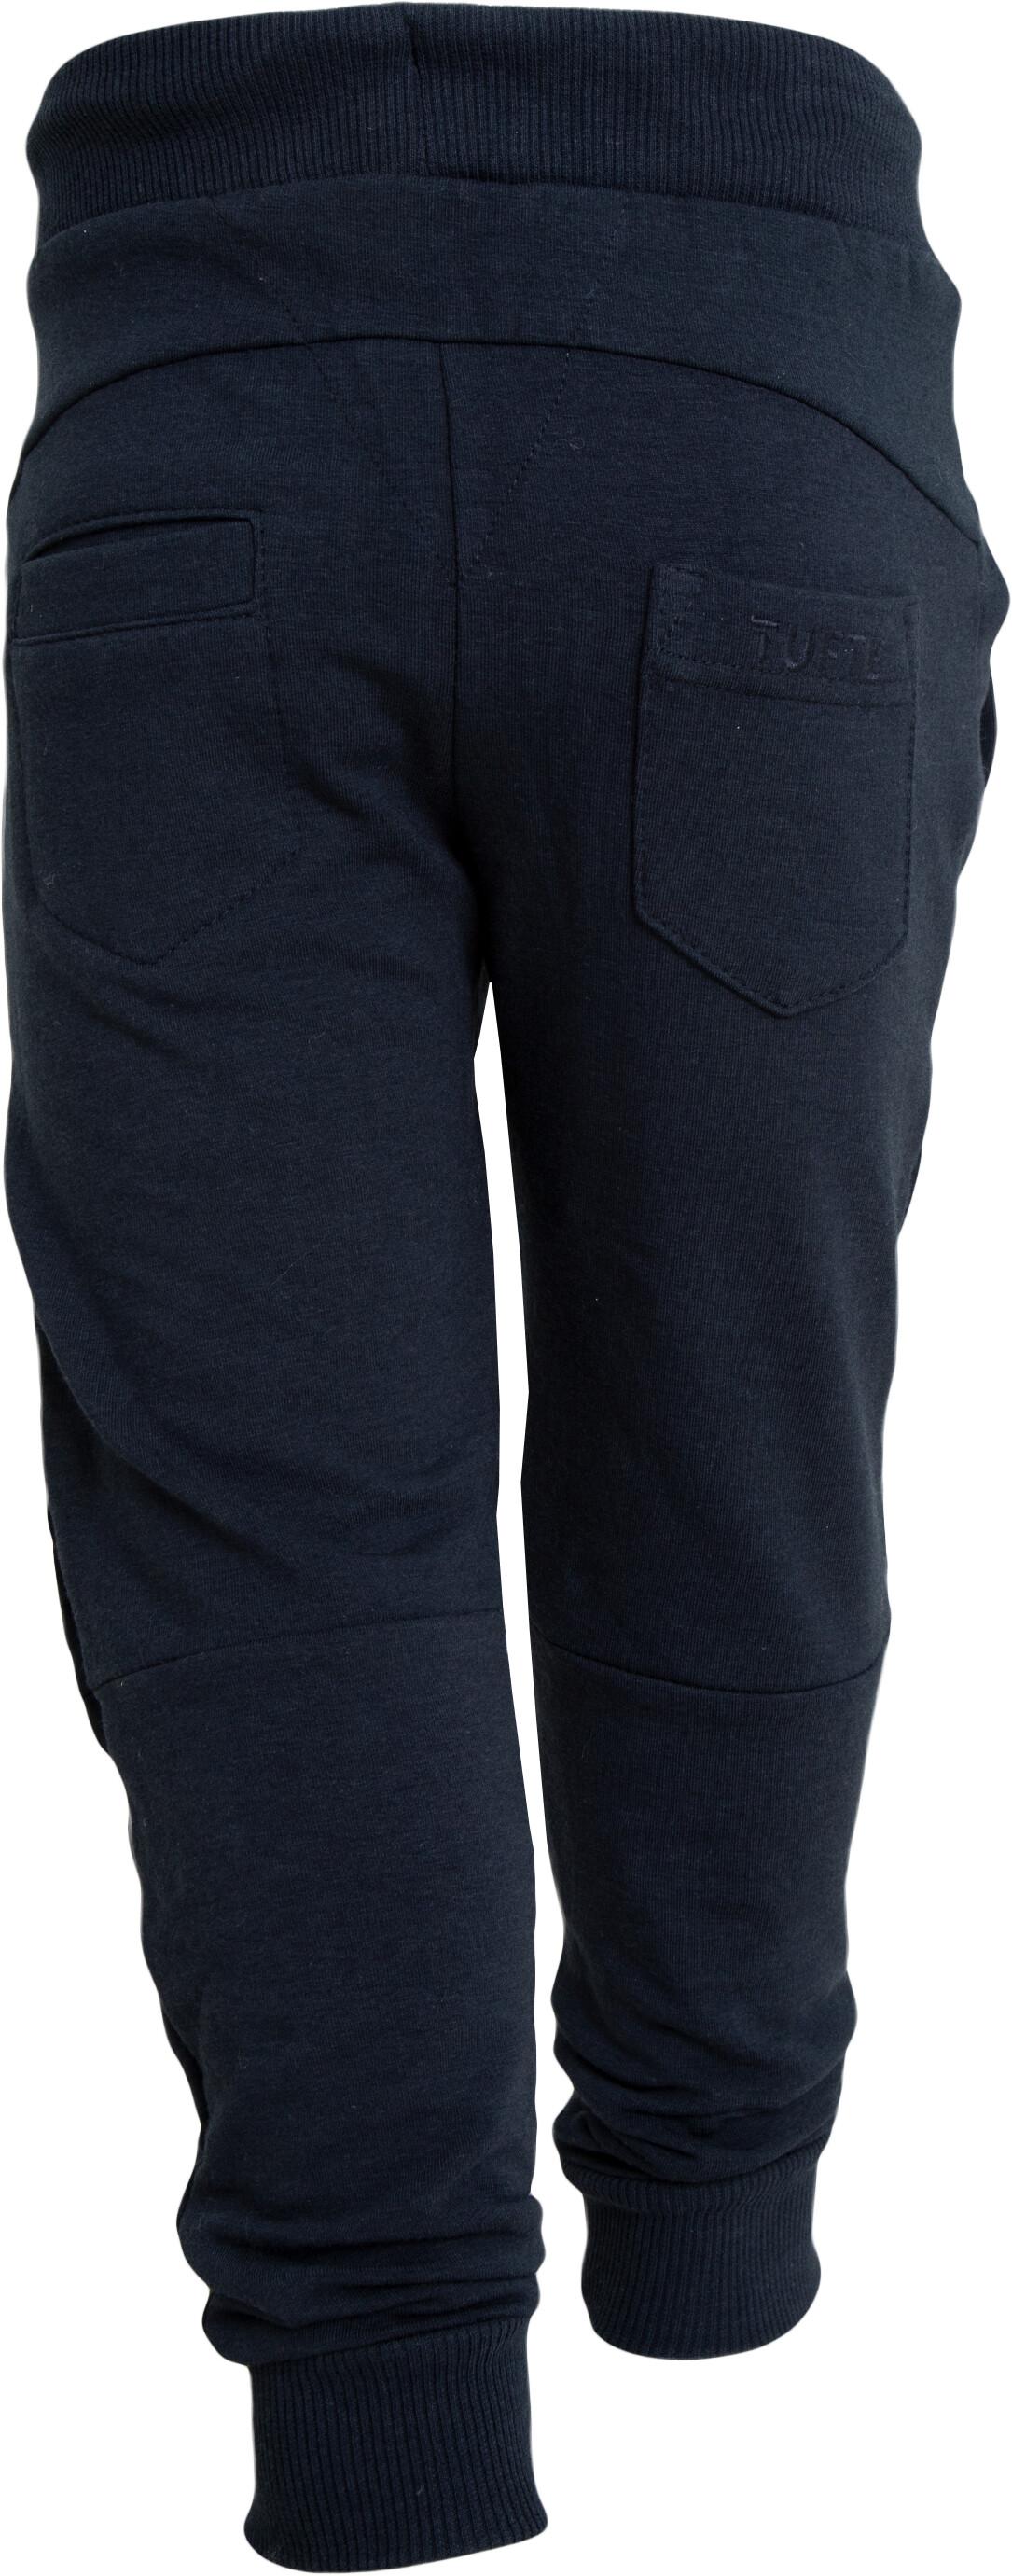 4182d4b76 Tufte Wear Sweatpants Kids Blueberry